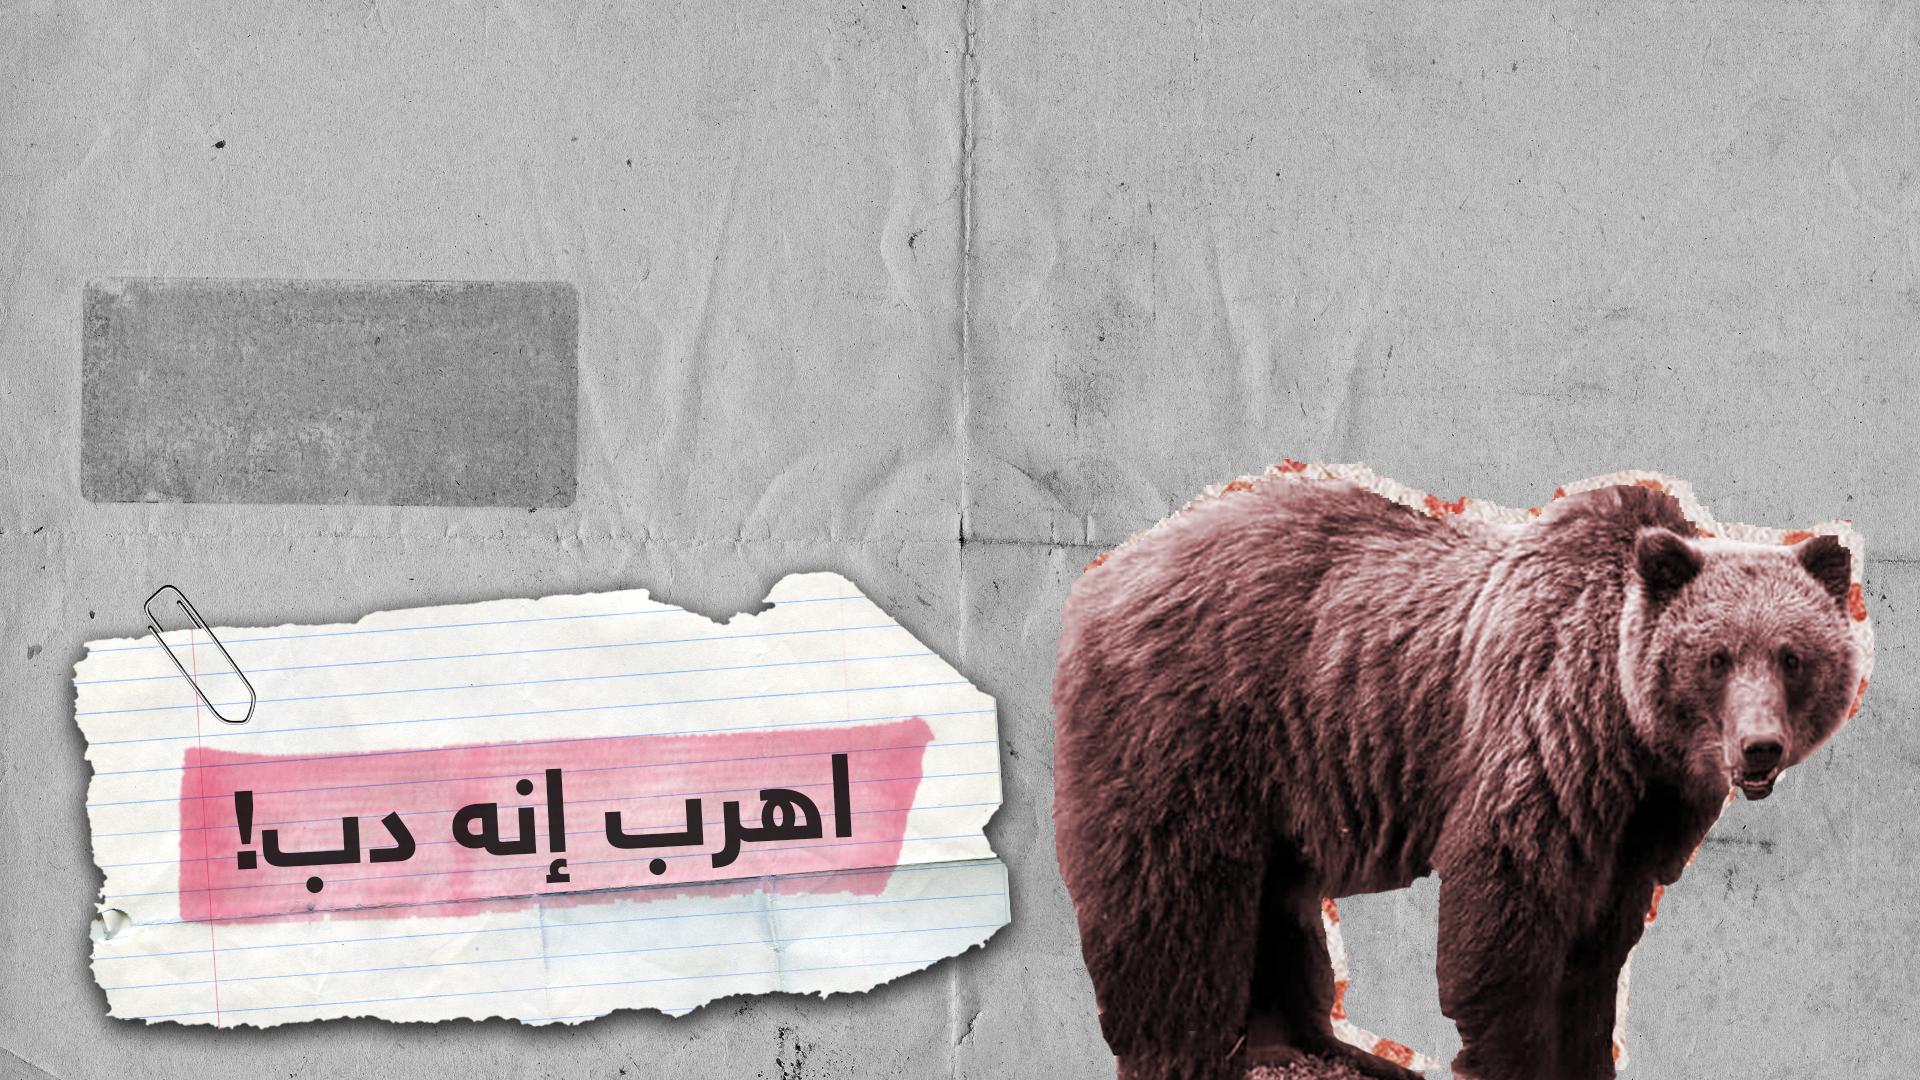 داخل  وكر الدب